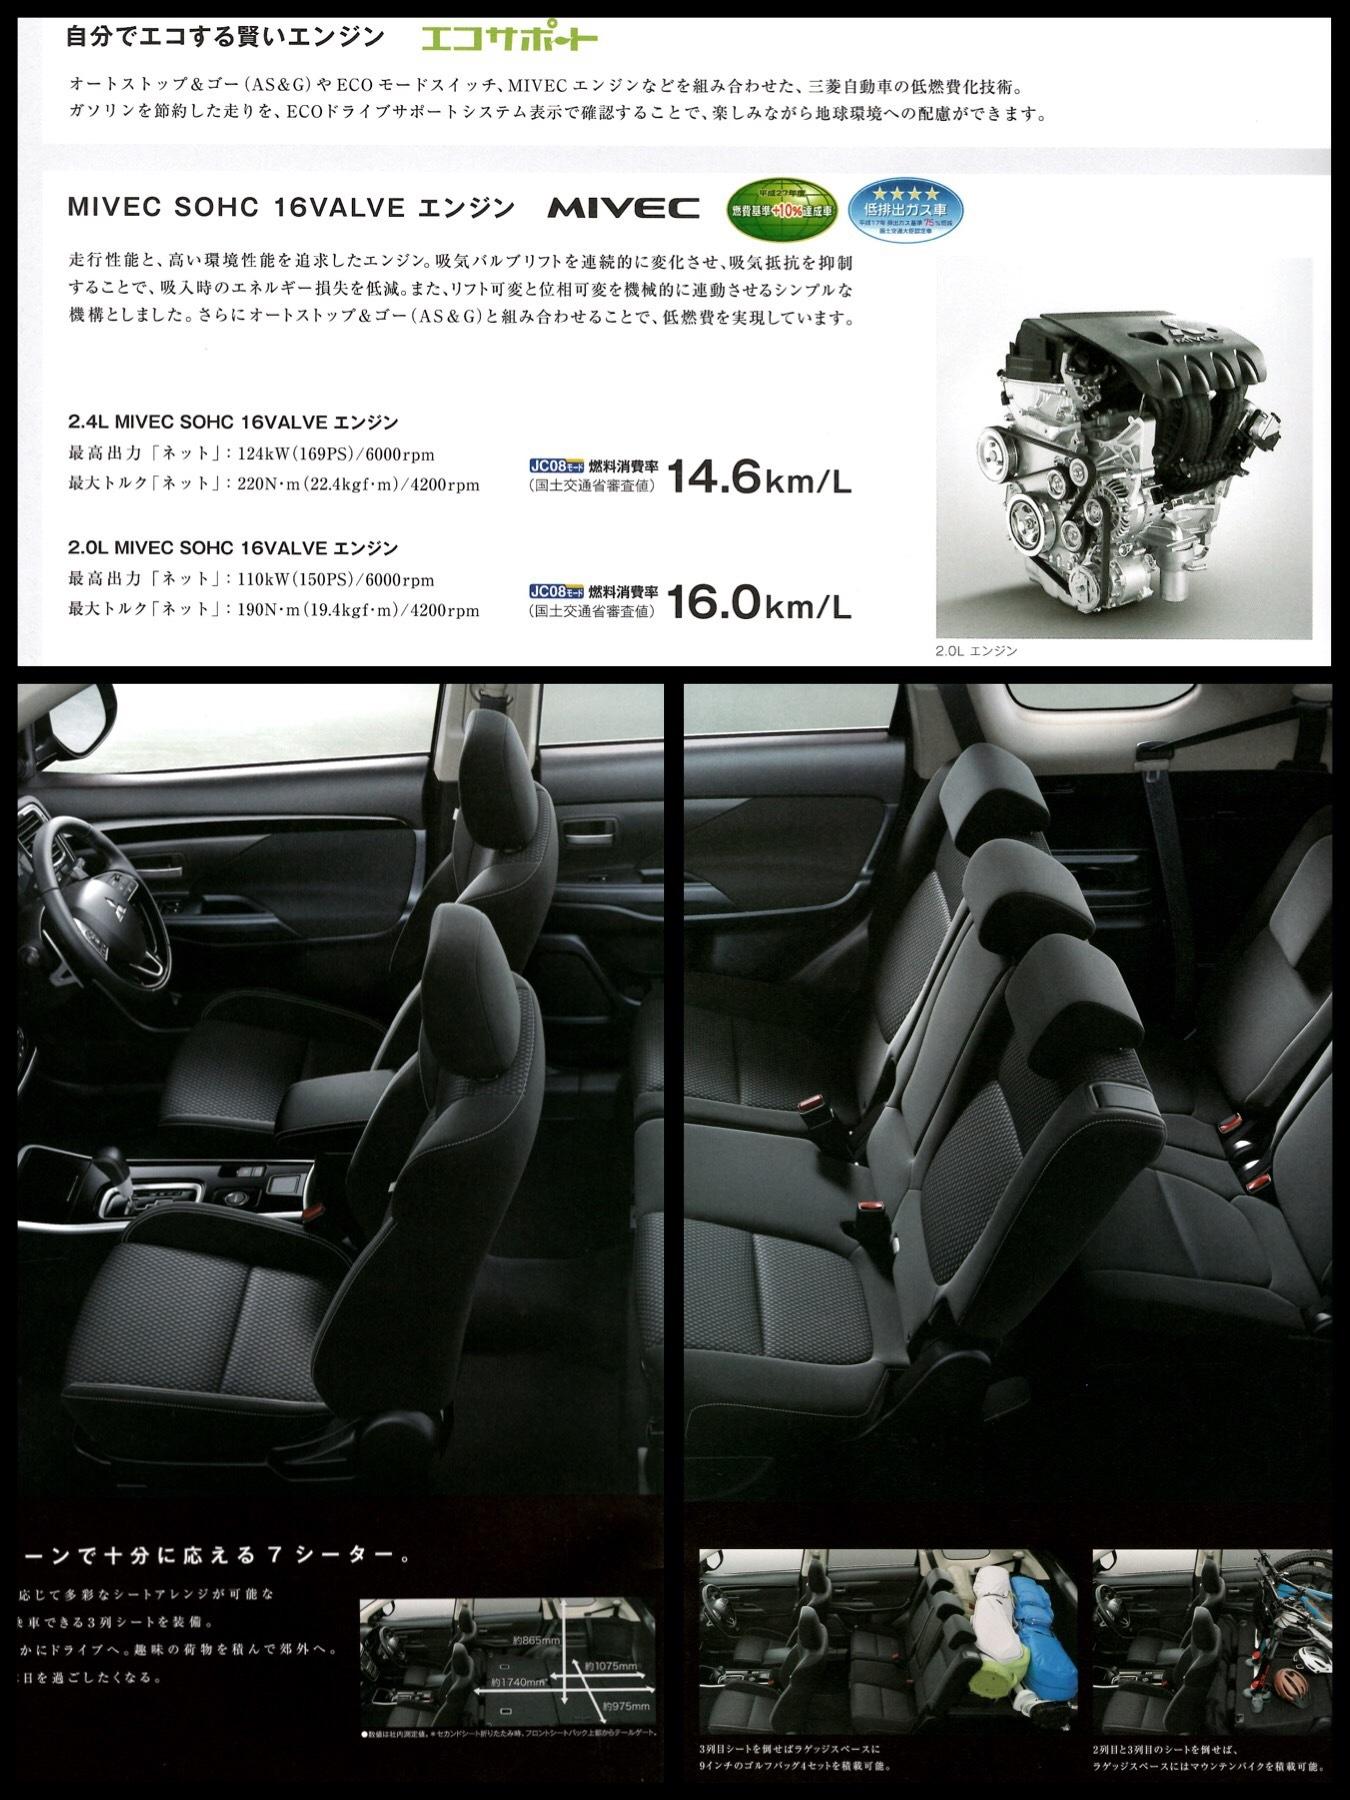 三菱アウトランダー ガソリン2019モデル カタログ